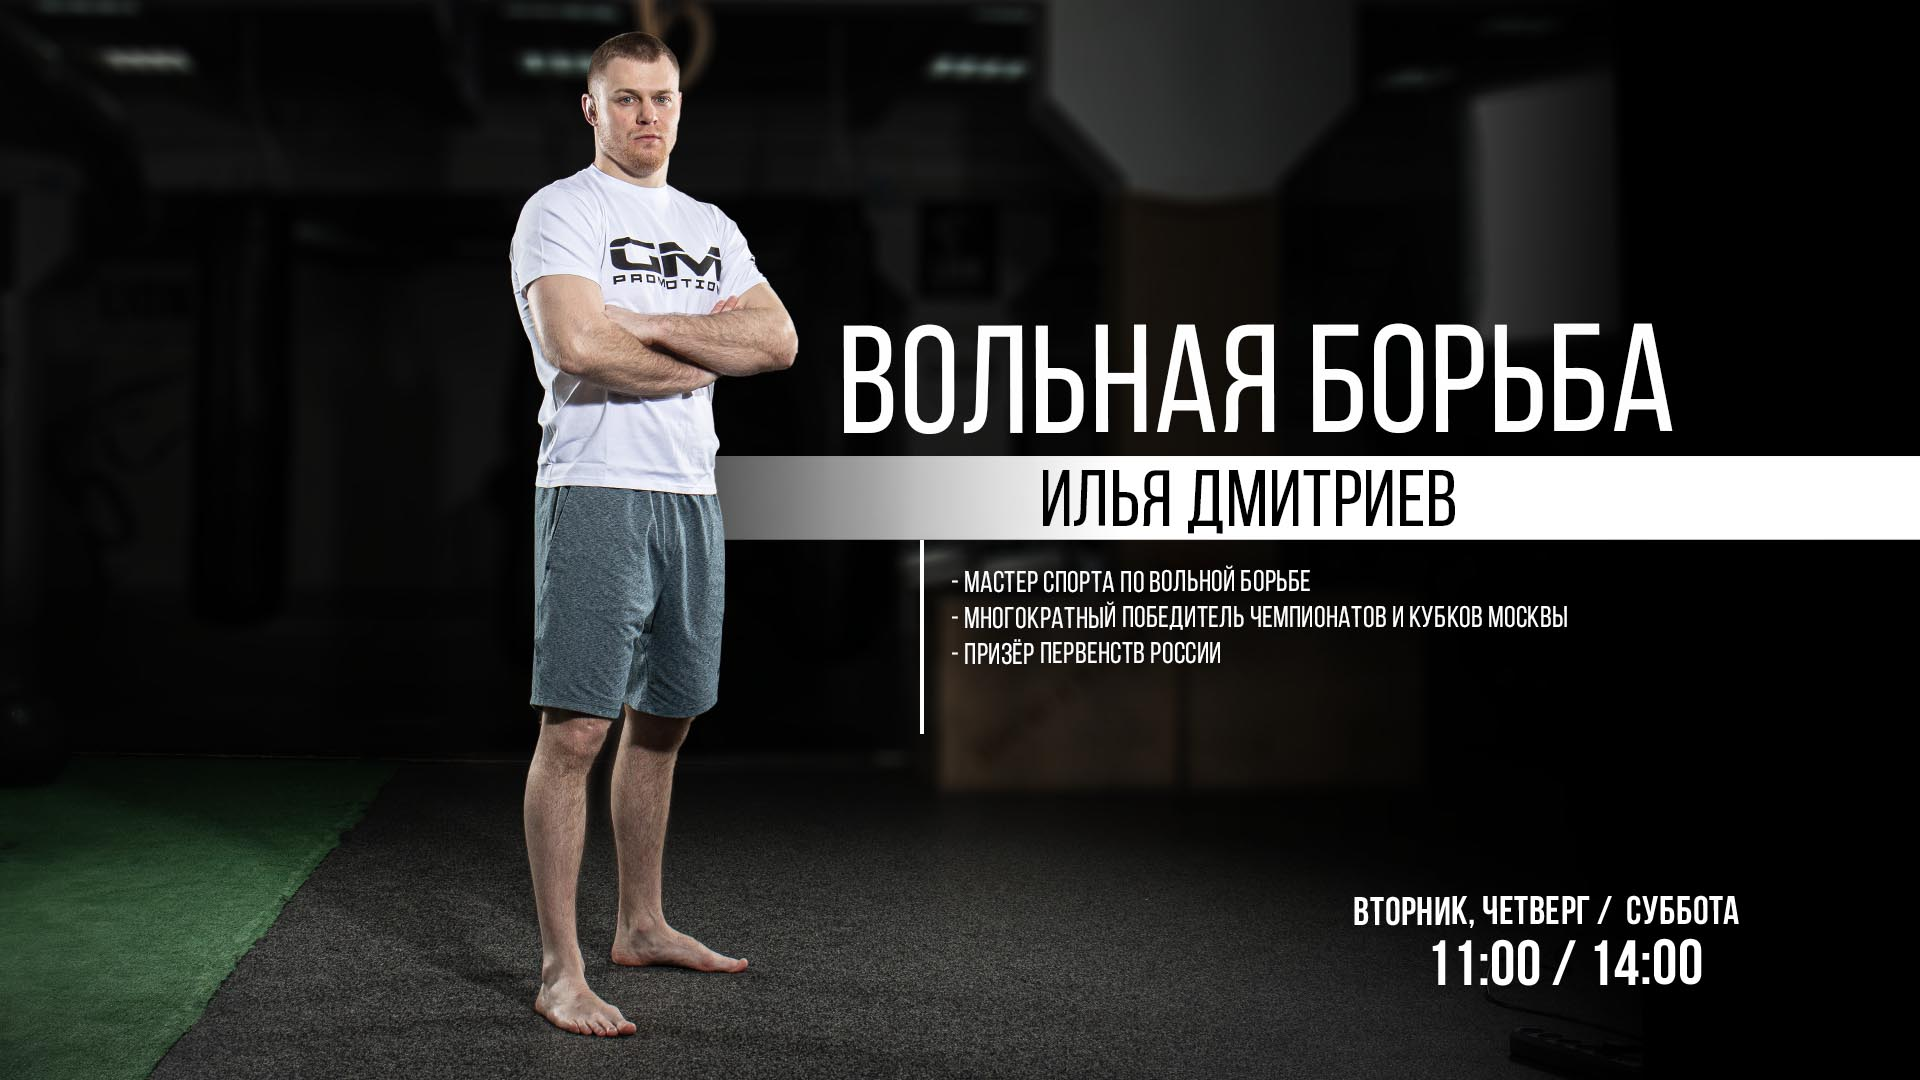 Вольная Борьба Дмитриев